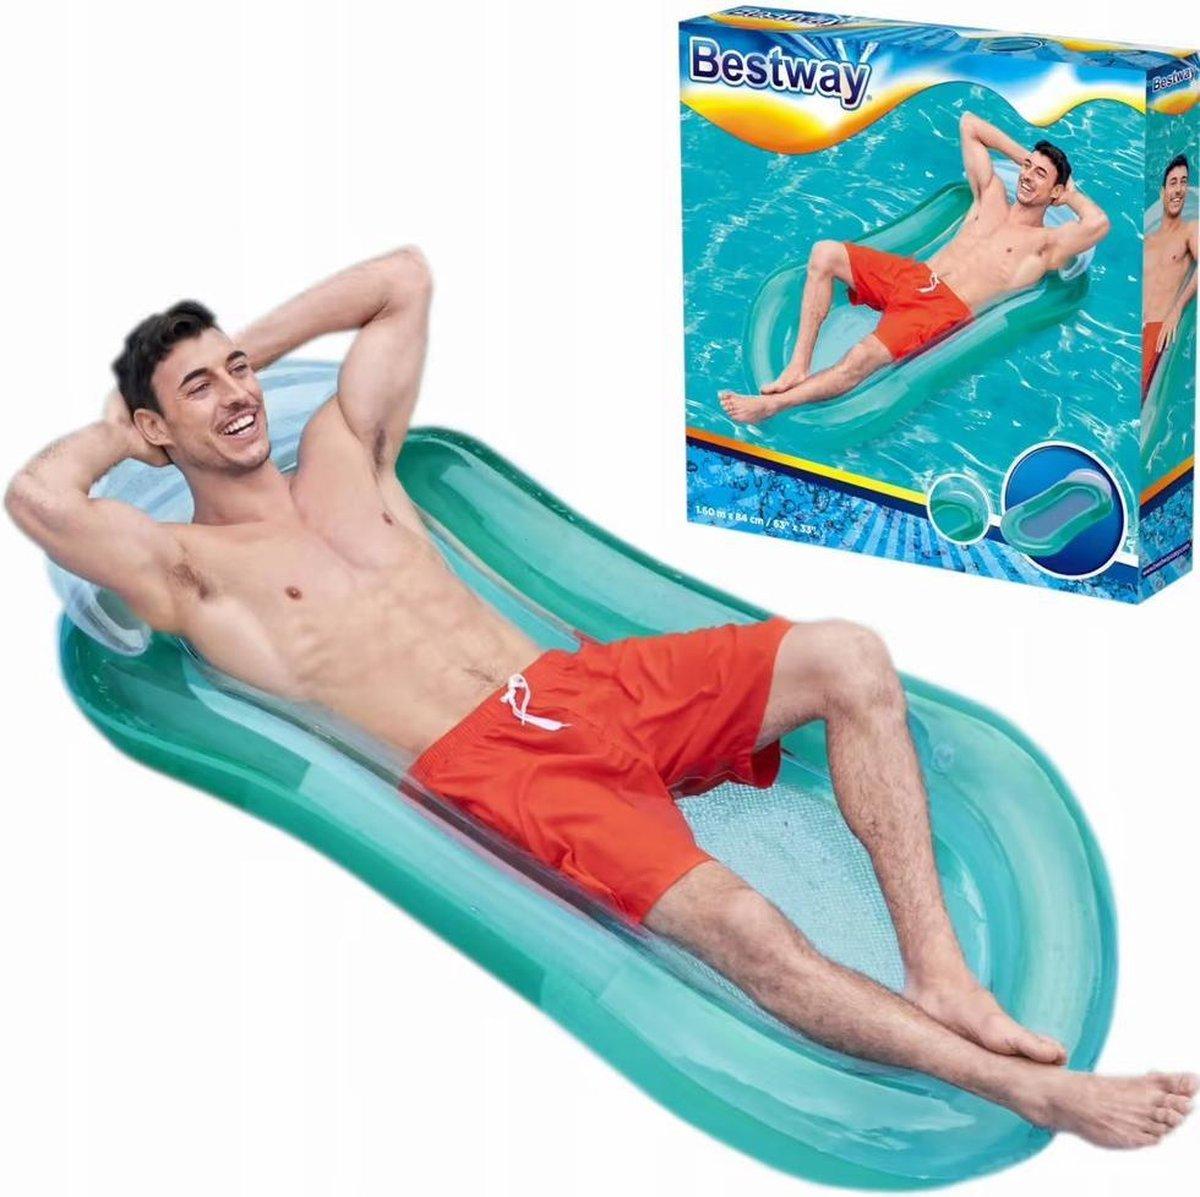 luchtbed voor 1 persoon. 160x84 cm, comfortabele hoofdsteun, Groen.